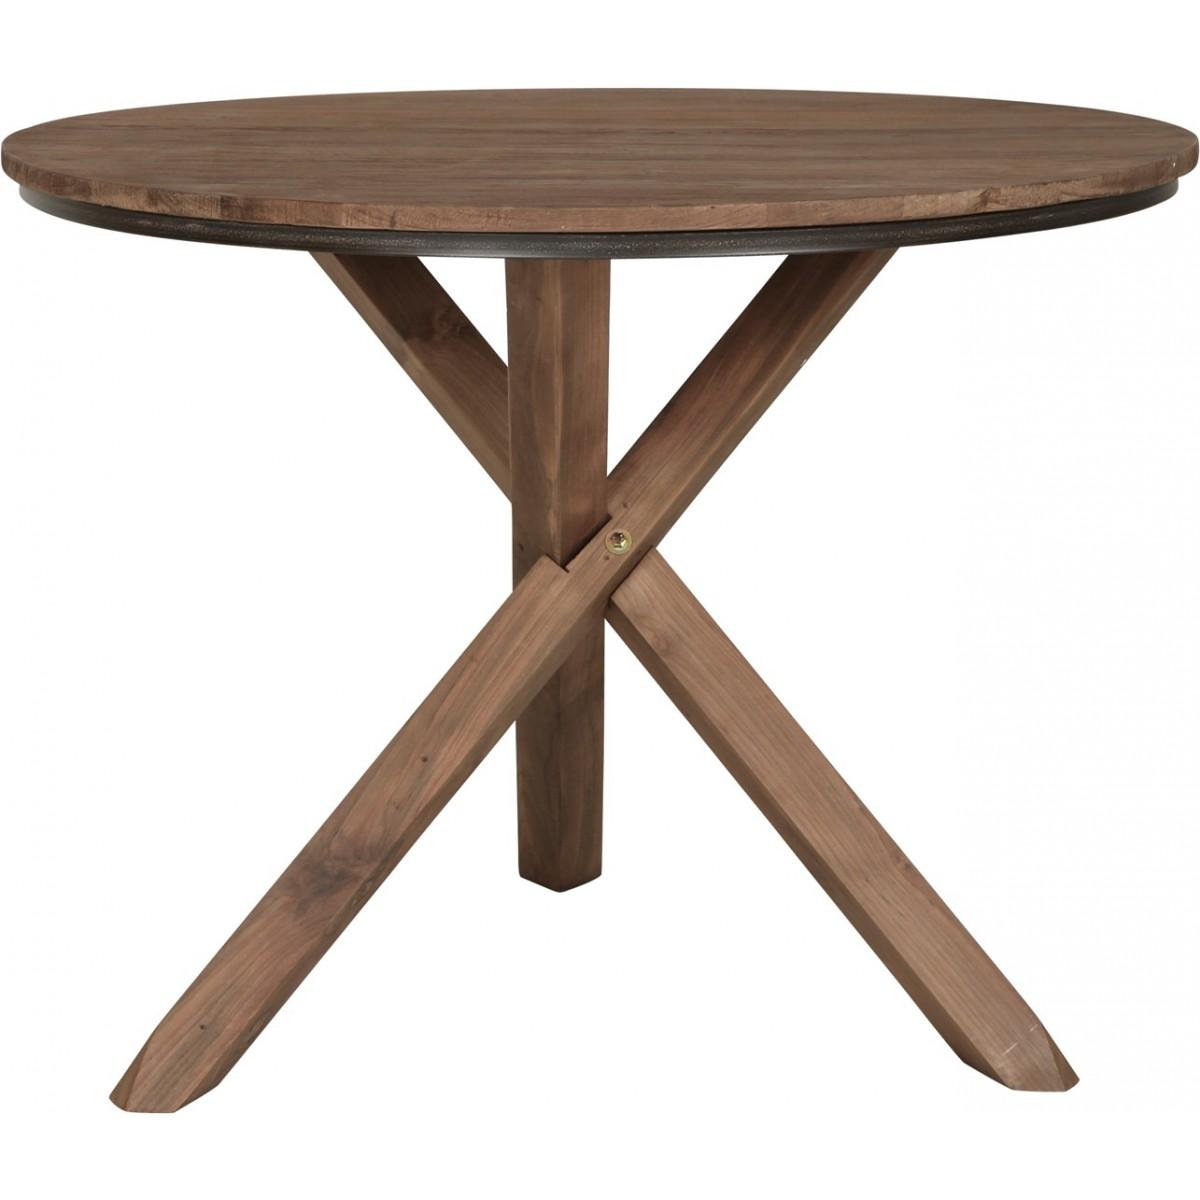 Runder tisch holz massiv esstisch rund tisch im for Runder esstisch holz